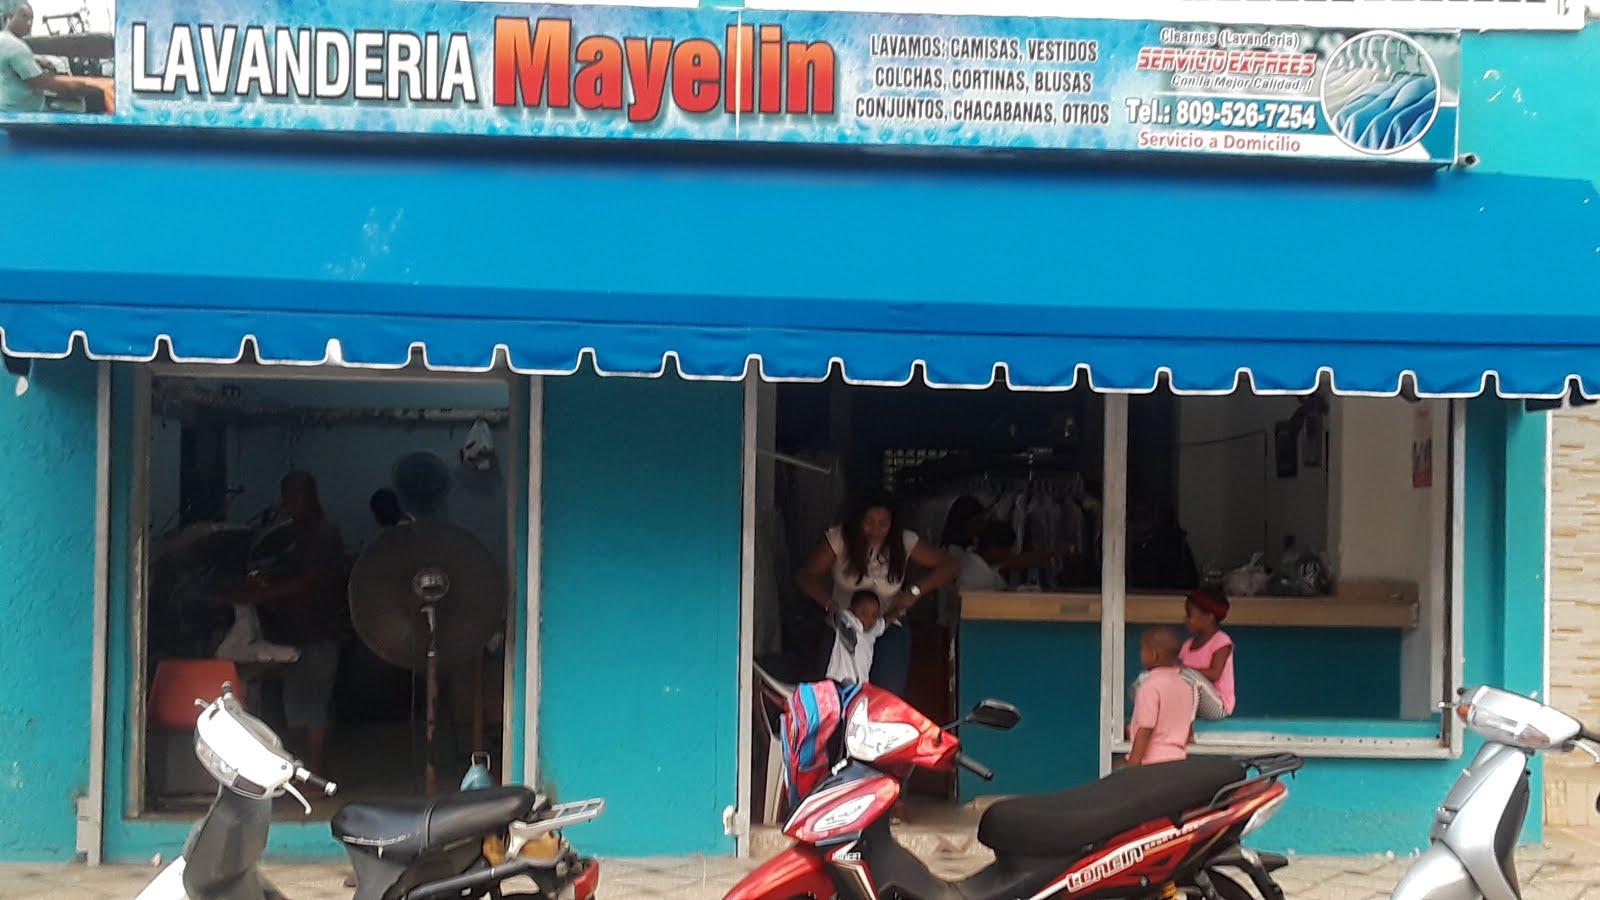 Lavandería Mayelin 809-526-7254 SPM.